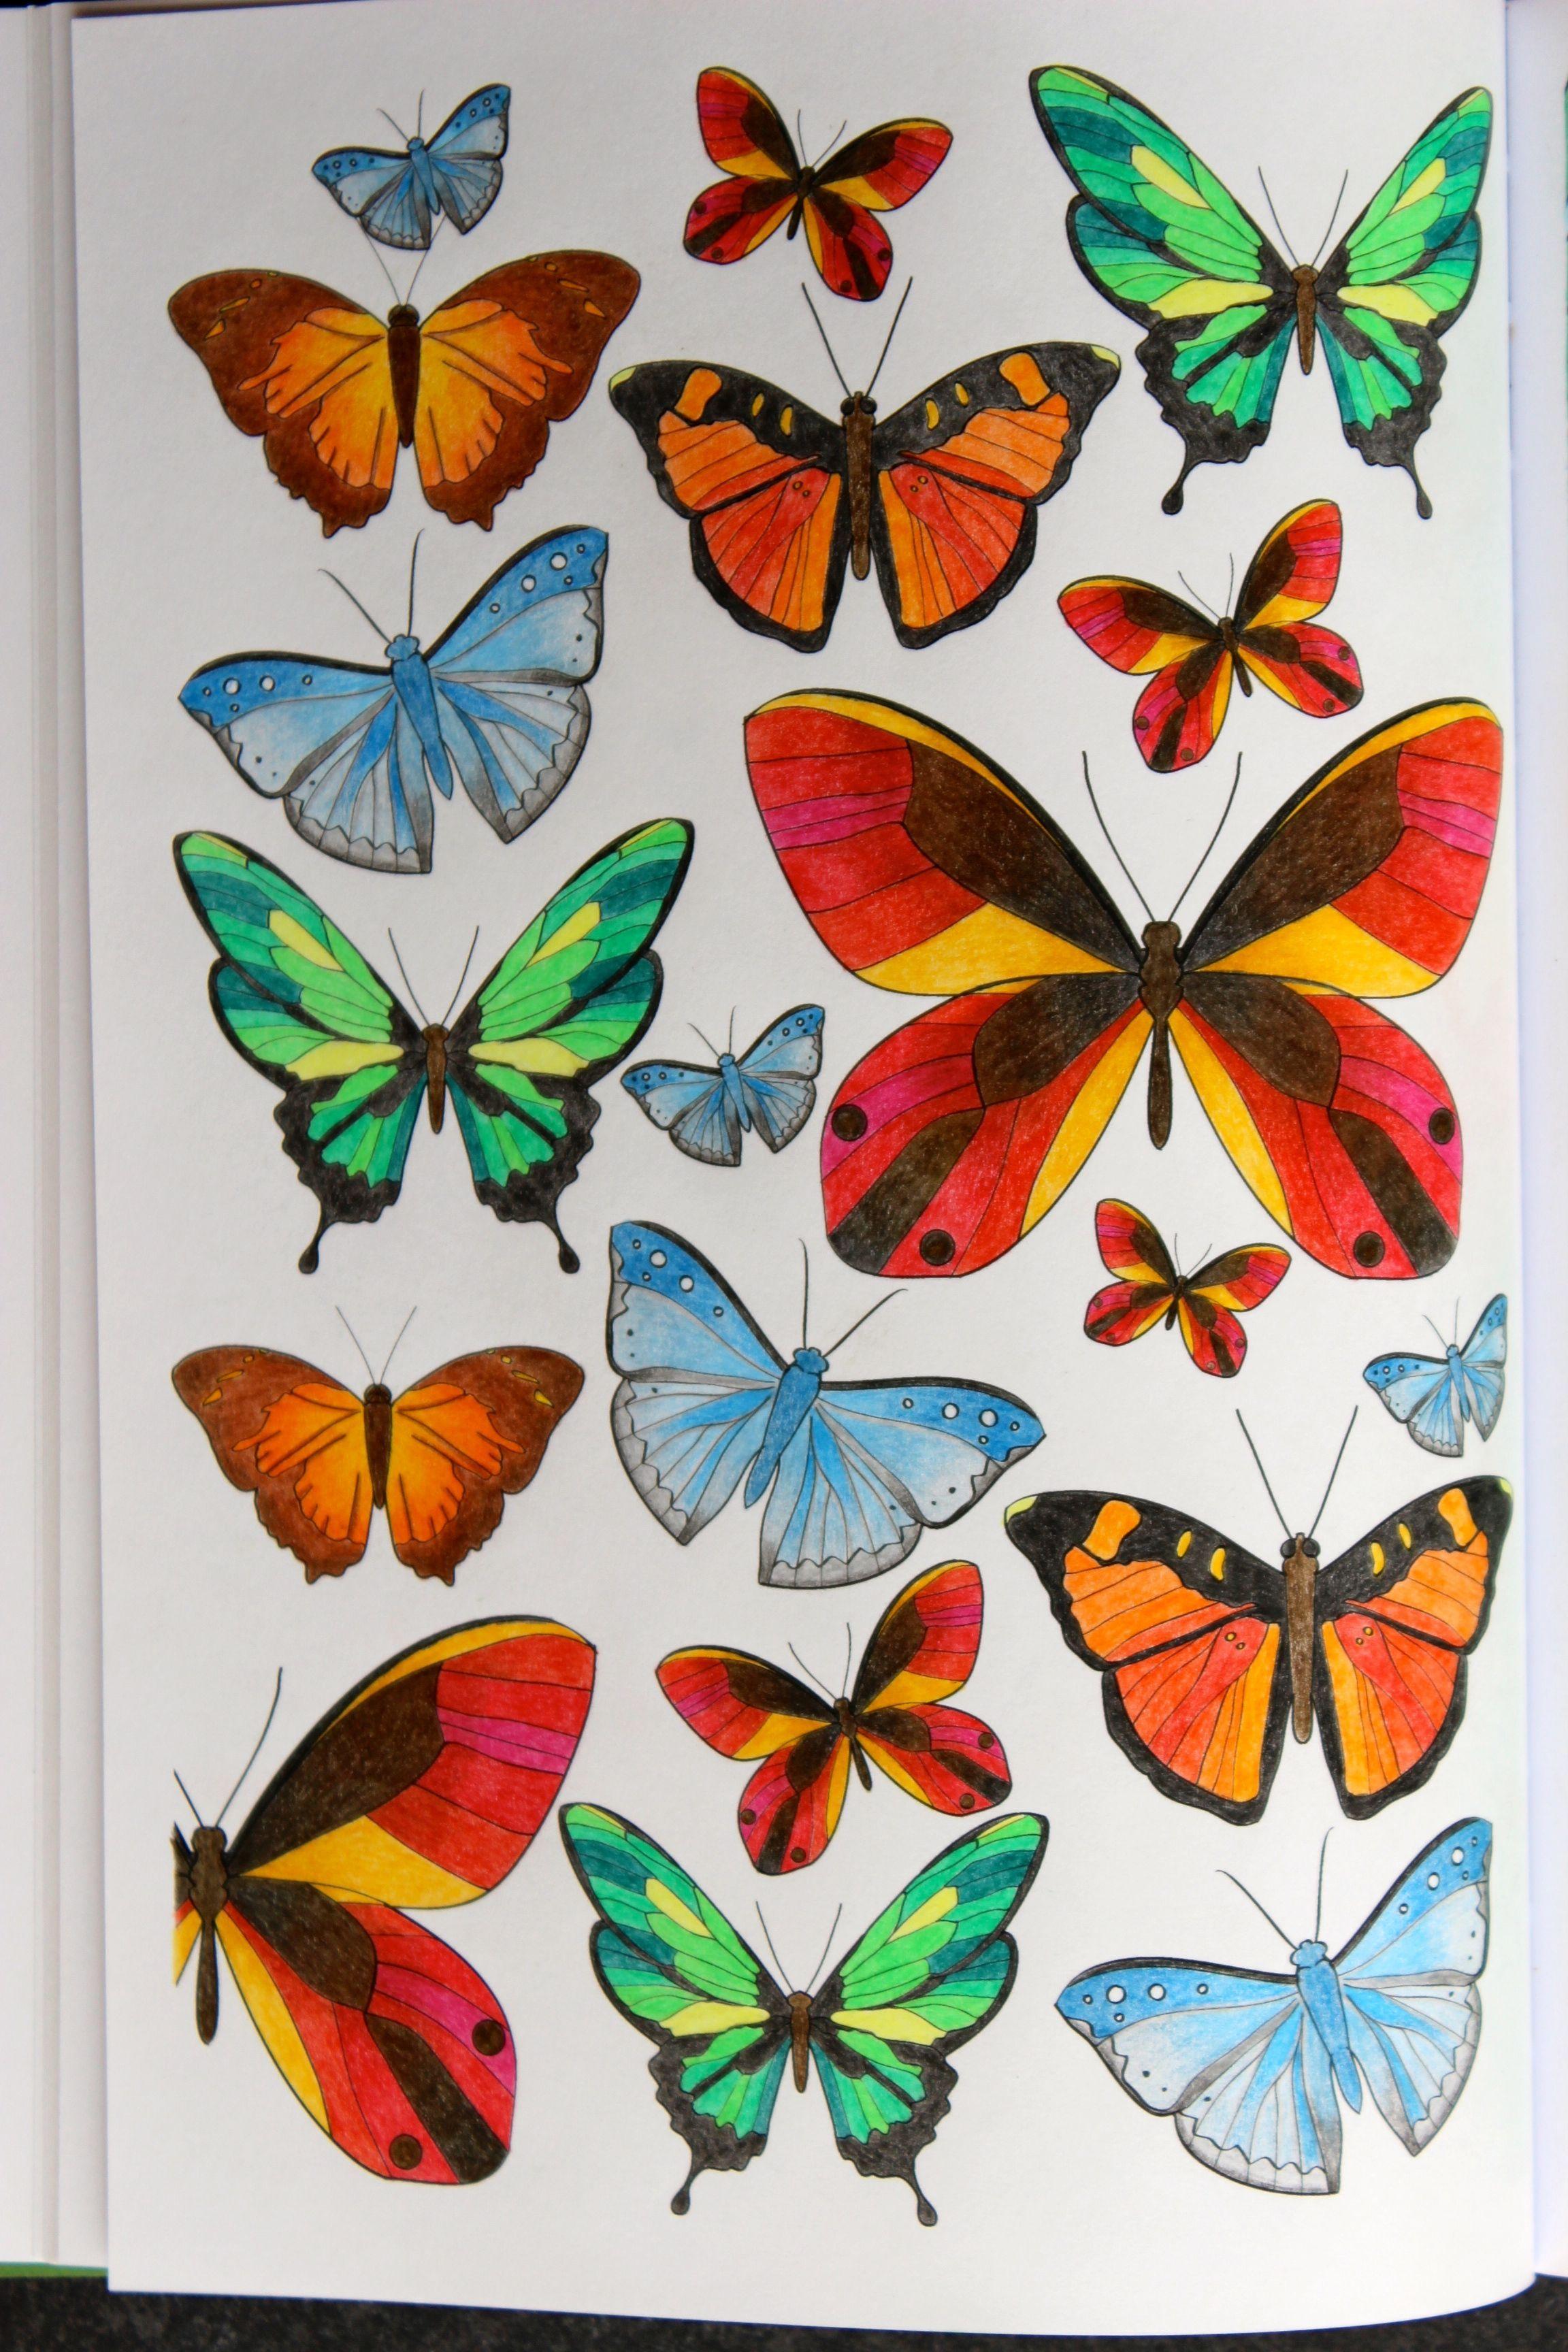 livre jardins extraordinaires crayons de couleurs divers coloriage pinterest jardin. Black Bedroom Furniture Sets. Home Design Ideas